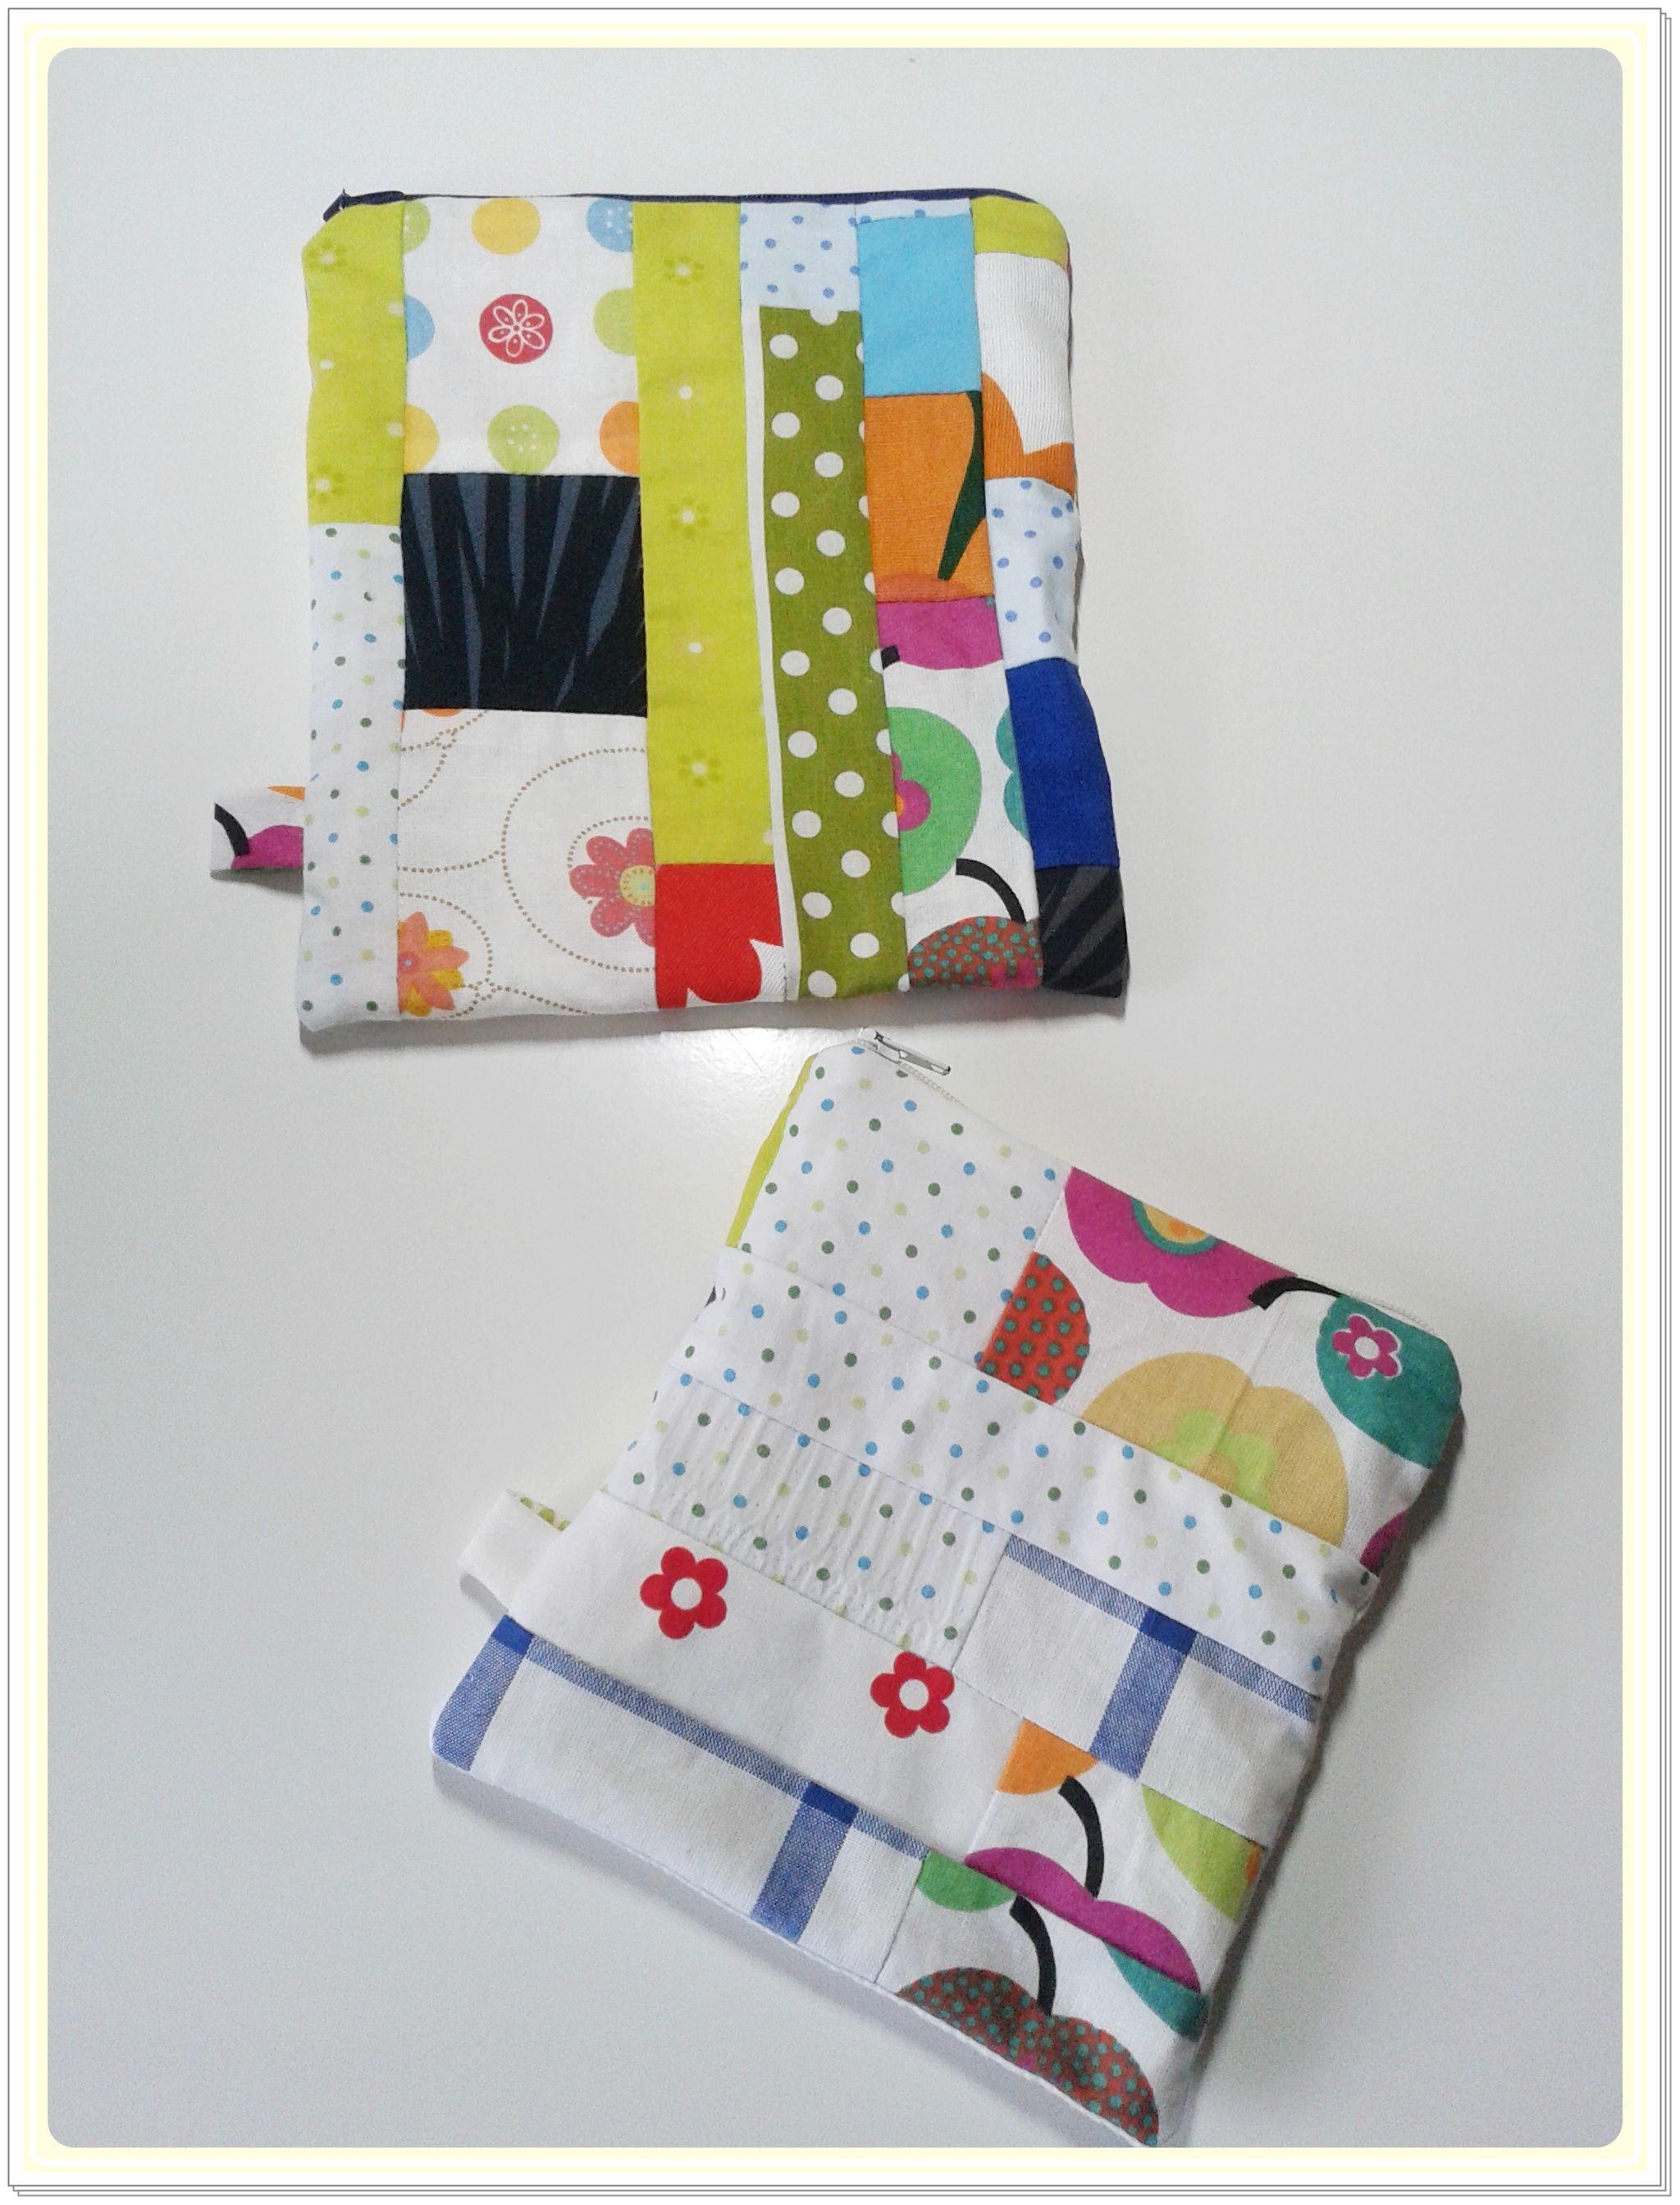 alte stoffreste k nnen noch gut f r kleine taschen verwendet werden stoffreste verwerten. Black Bedroom Furniture Sets. Home Design Ideas